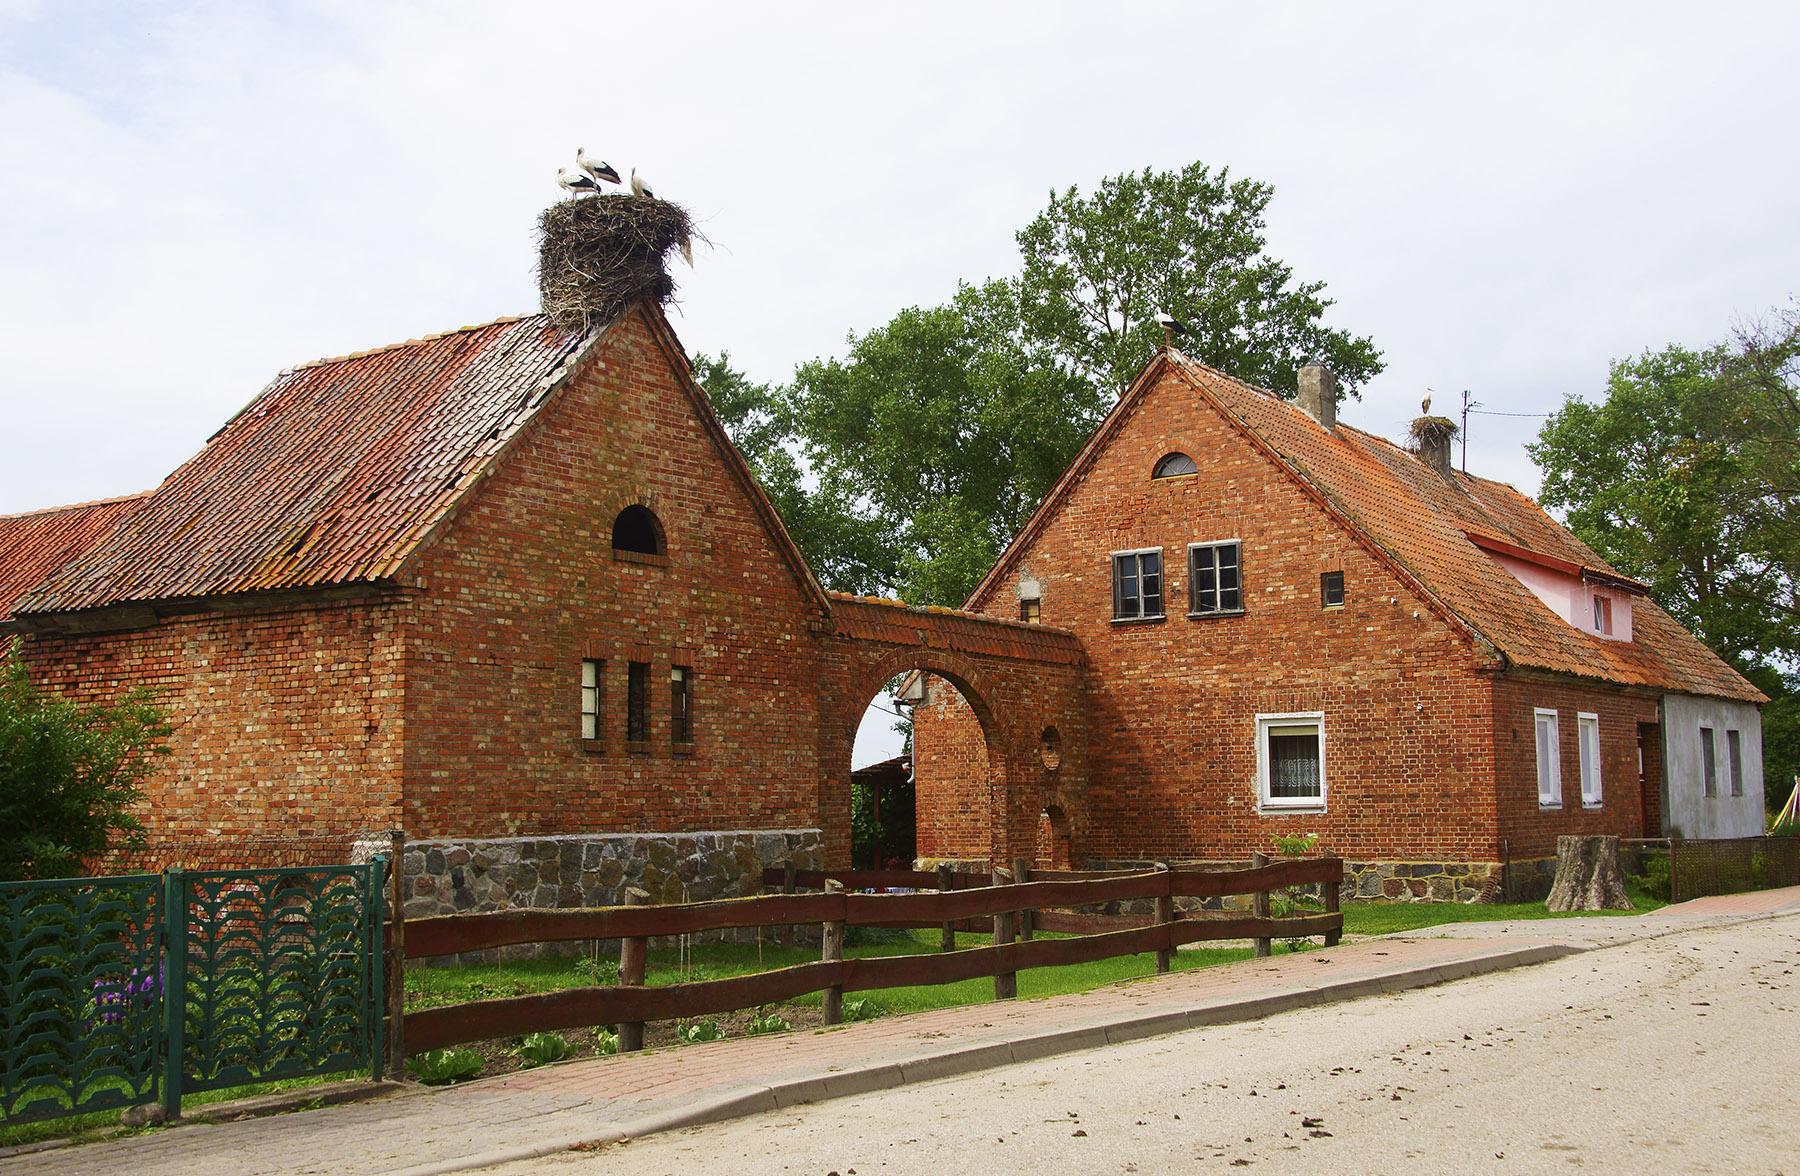 Zabytkowe gospodarstwa z charakterystyczną bramą wjazdową w Zabroście Wielkim